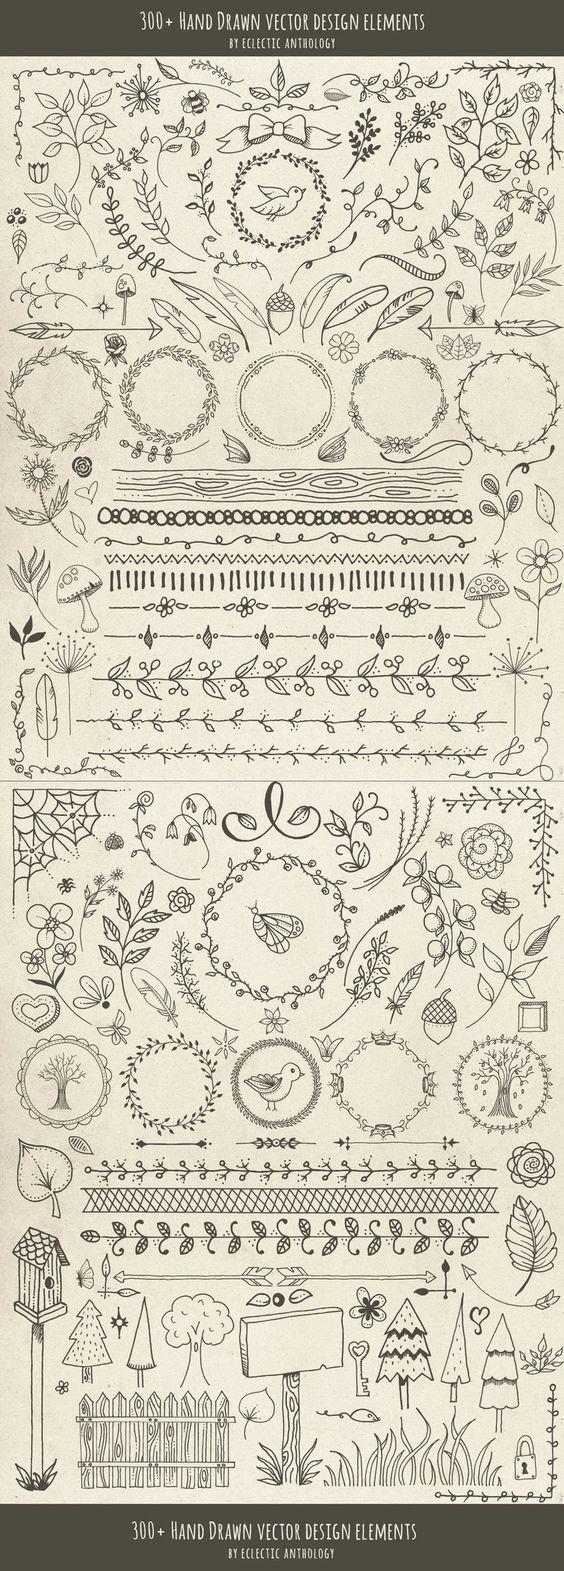 Hand gezeichnete Vektor-Design-Elemente